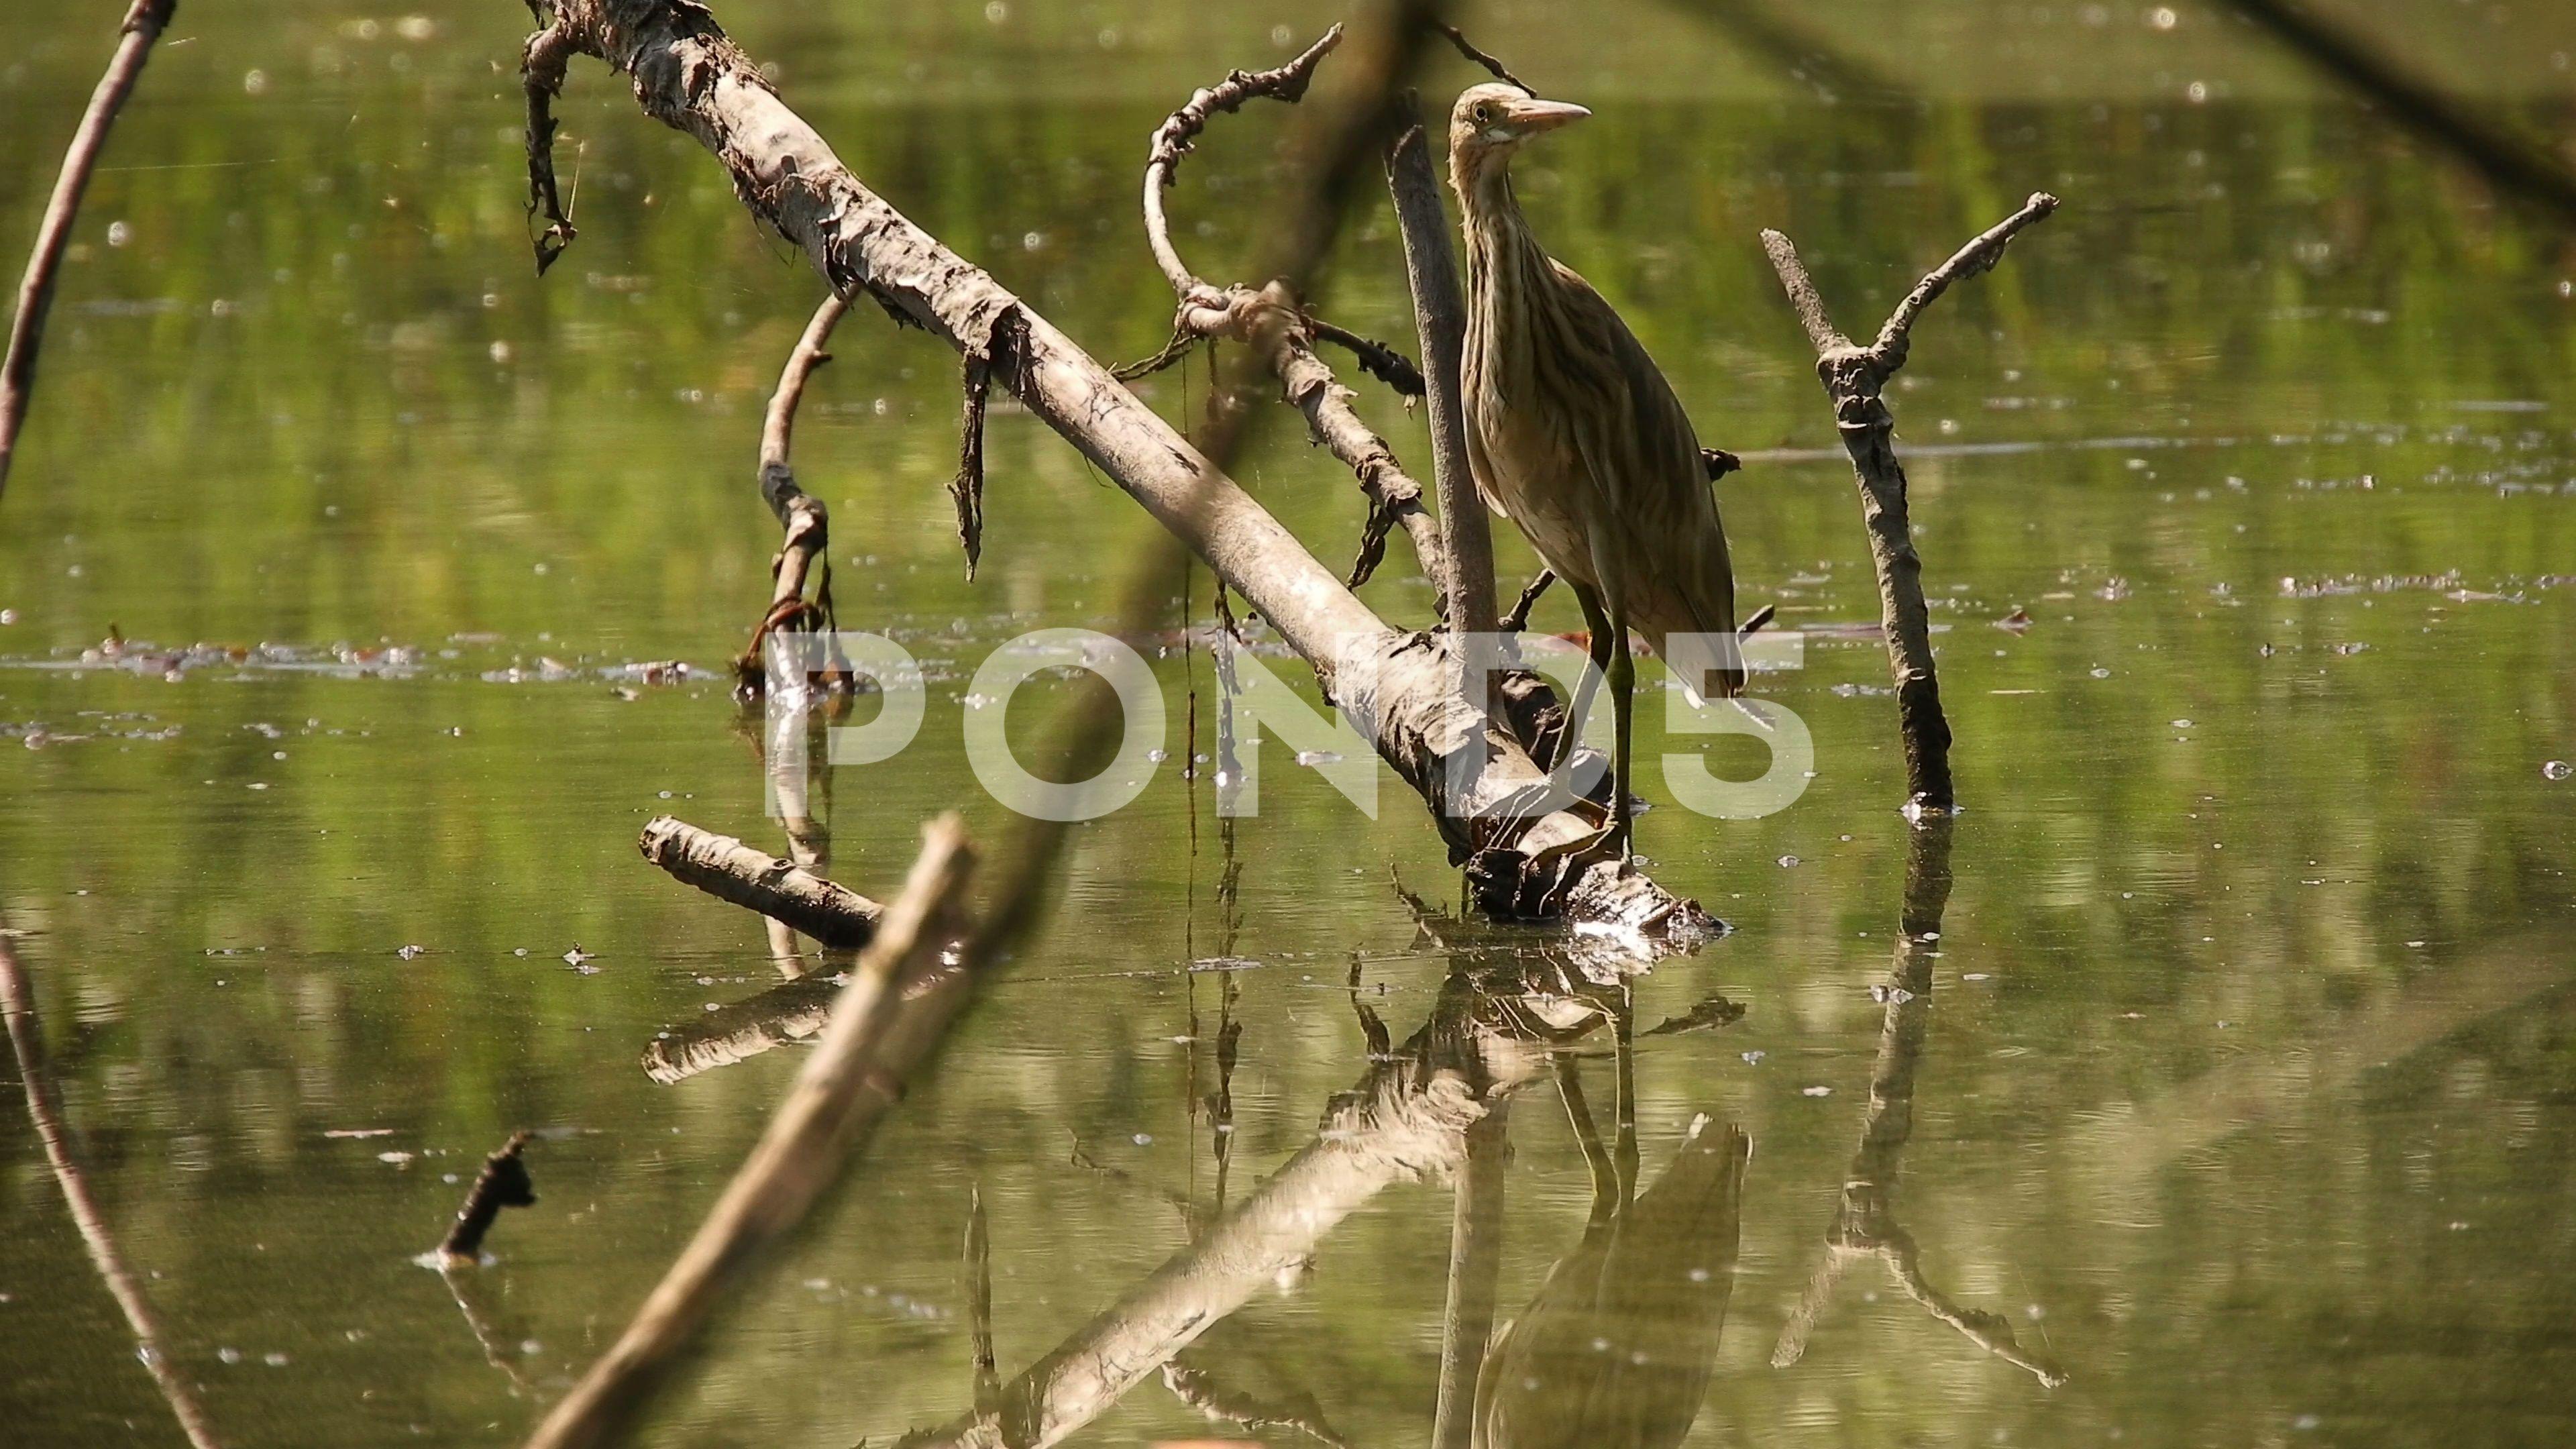 Squacco heron (Sgarza ciuffetto) in the waters of the pond